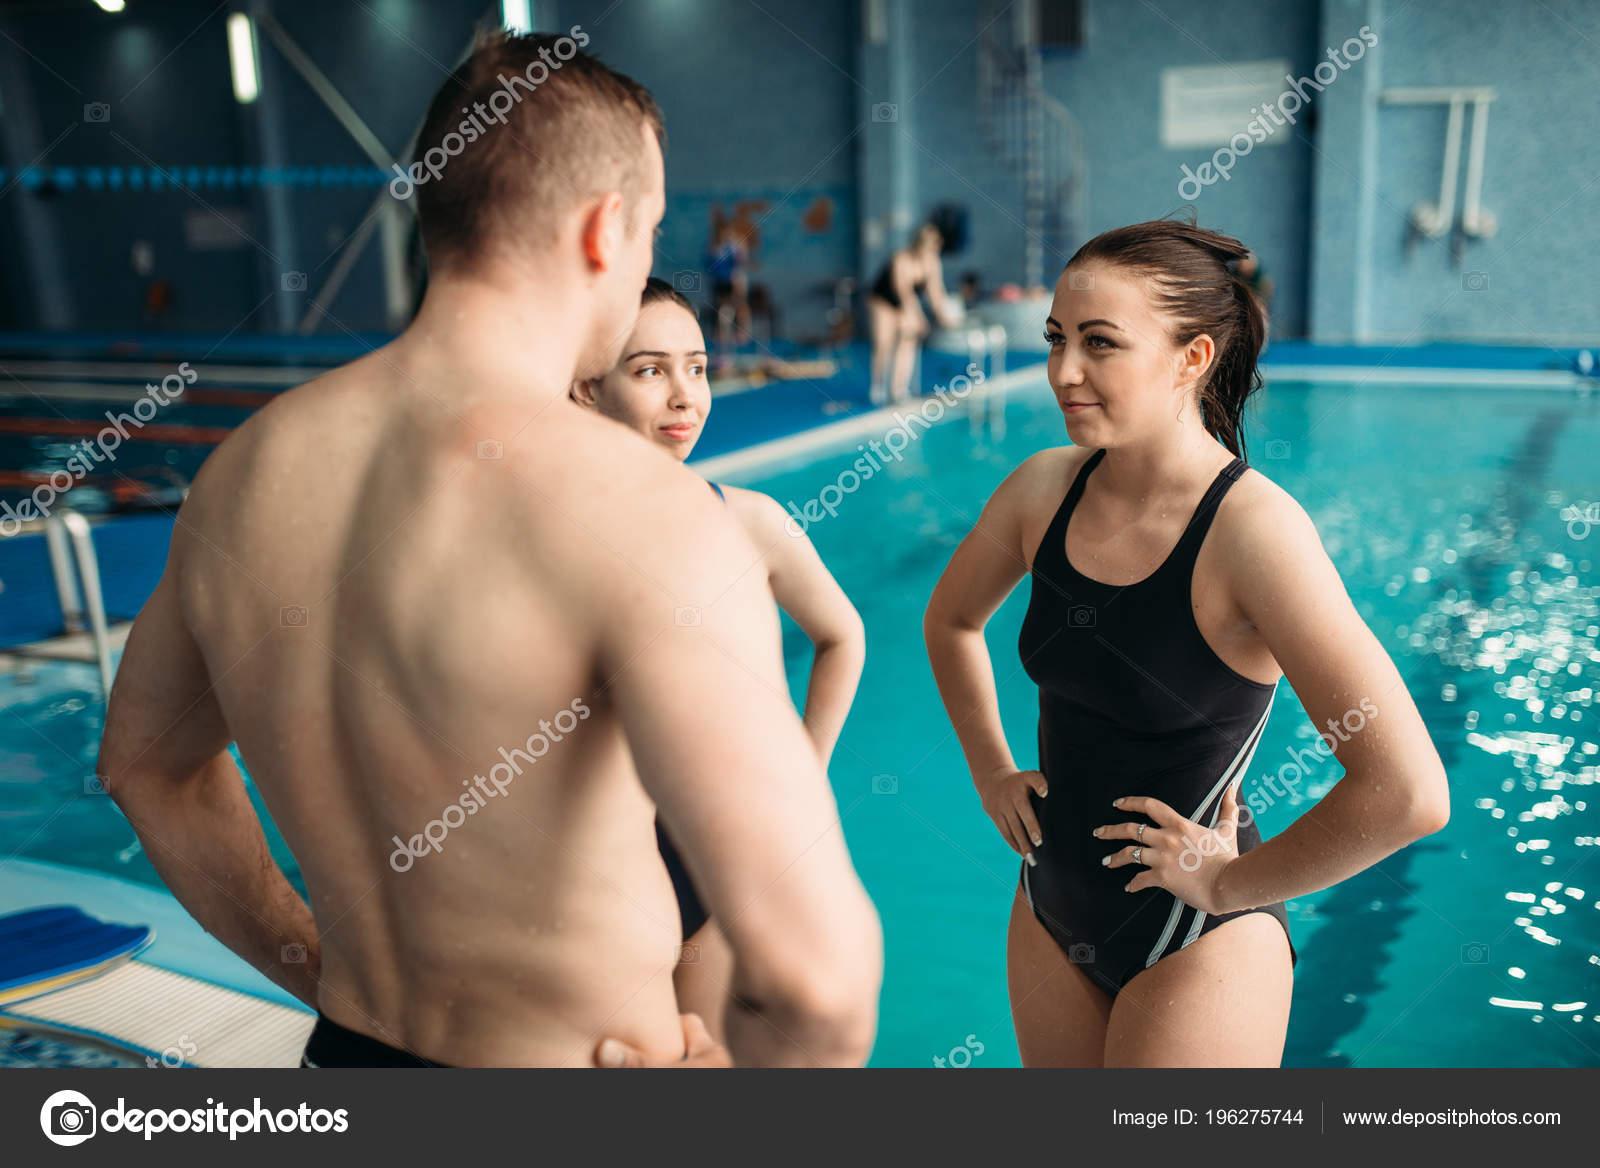 opleiding mannelijk of vrouwelijk